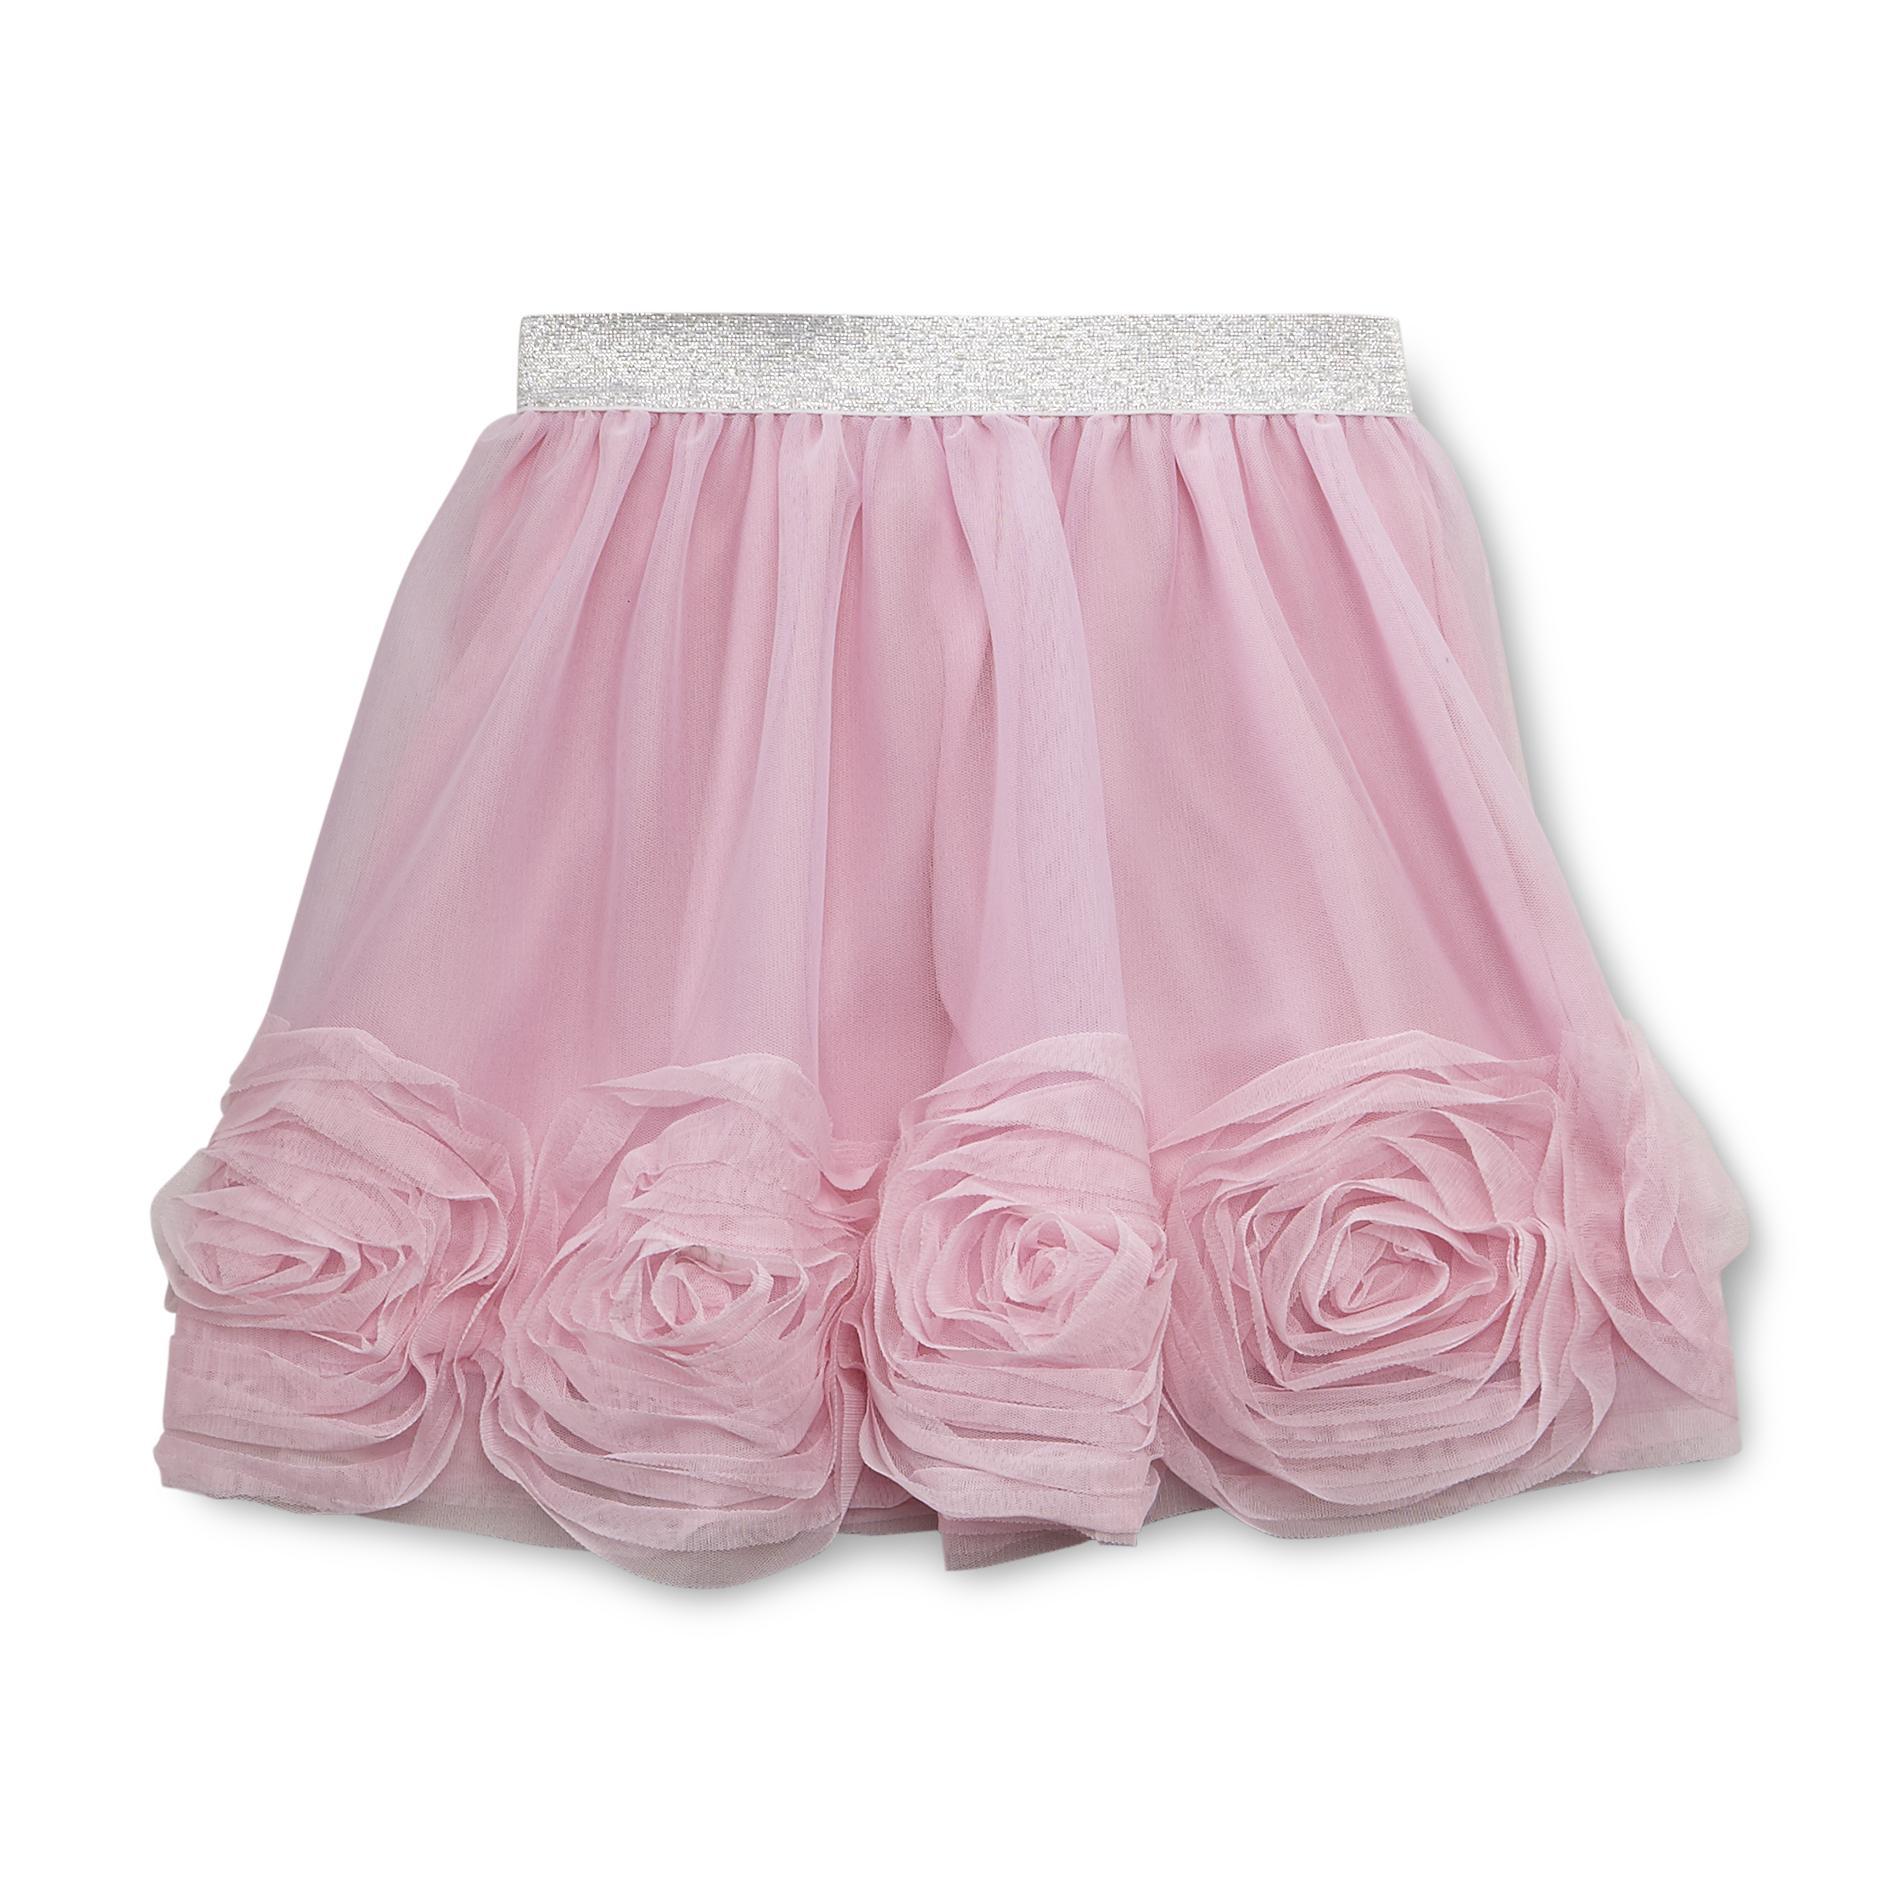 Sophia Grace & Rosie Girl's Rosette Skirt